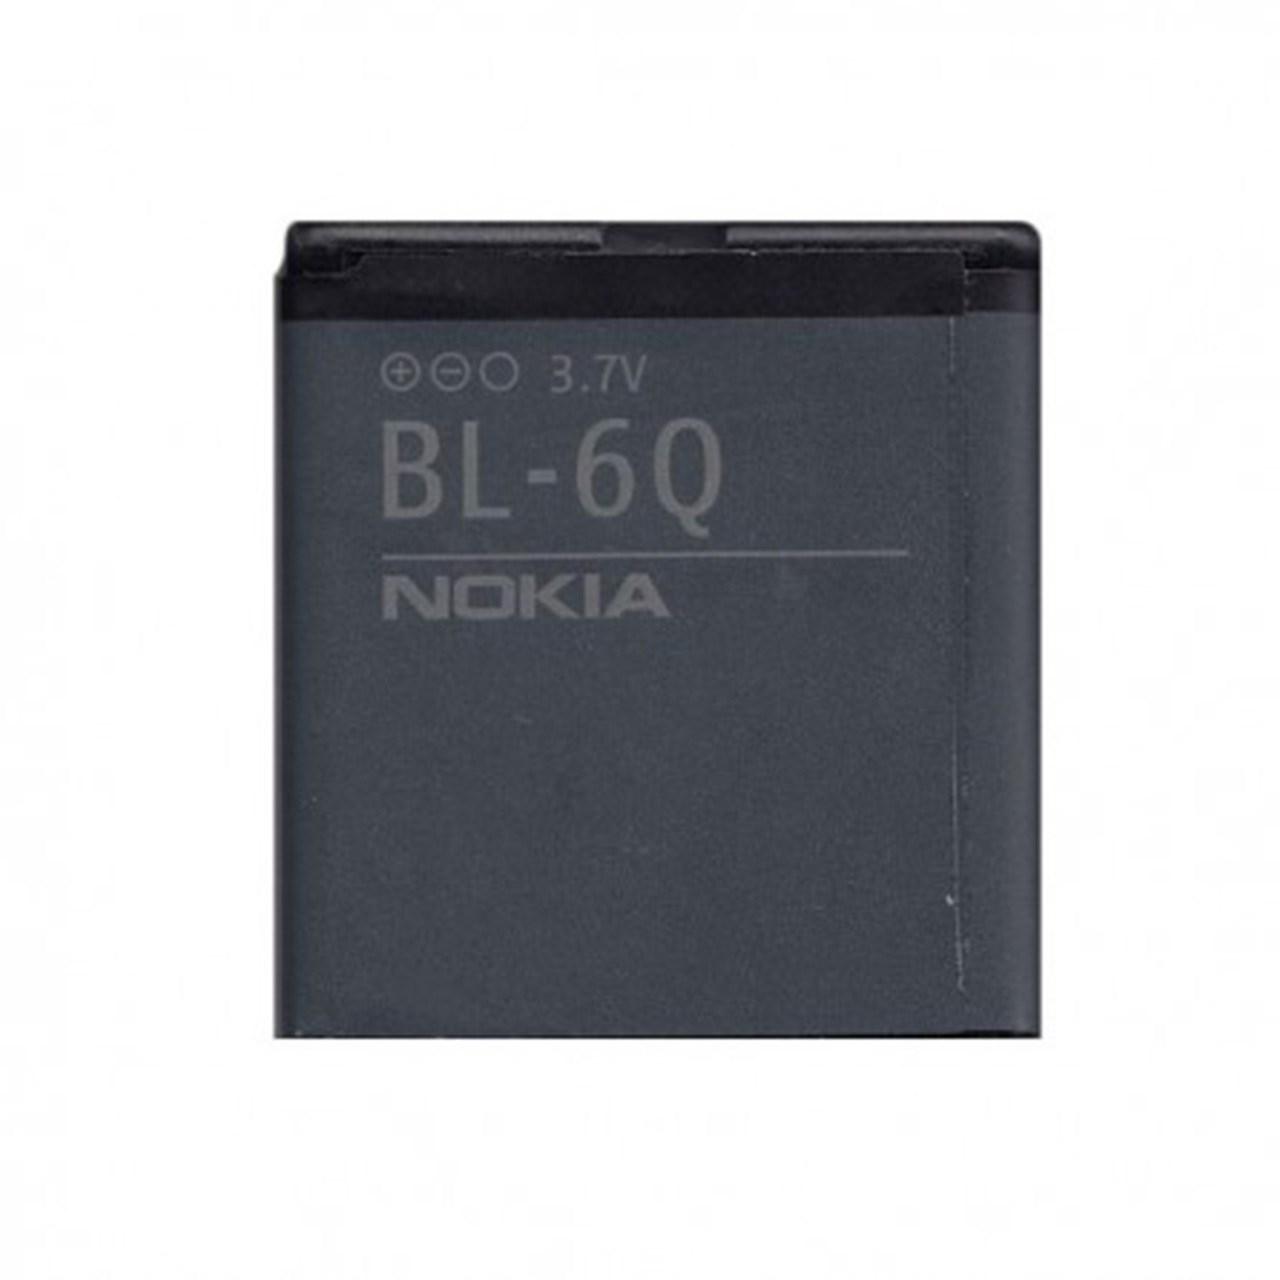 باتری موبایل مدل BL-6Q با ظرفیت 970Mah مناسب برای گوشی موبایل نوکیا 6700 Classic